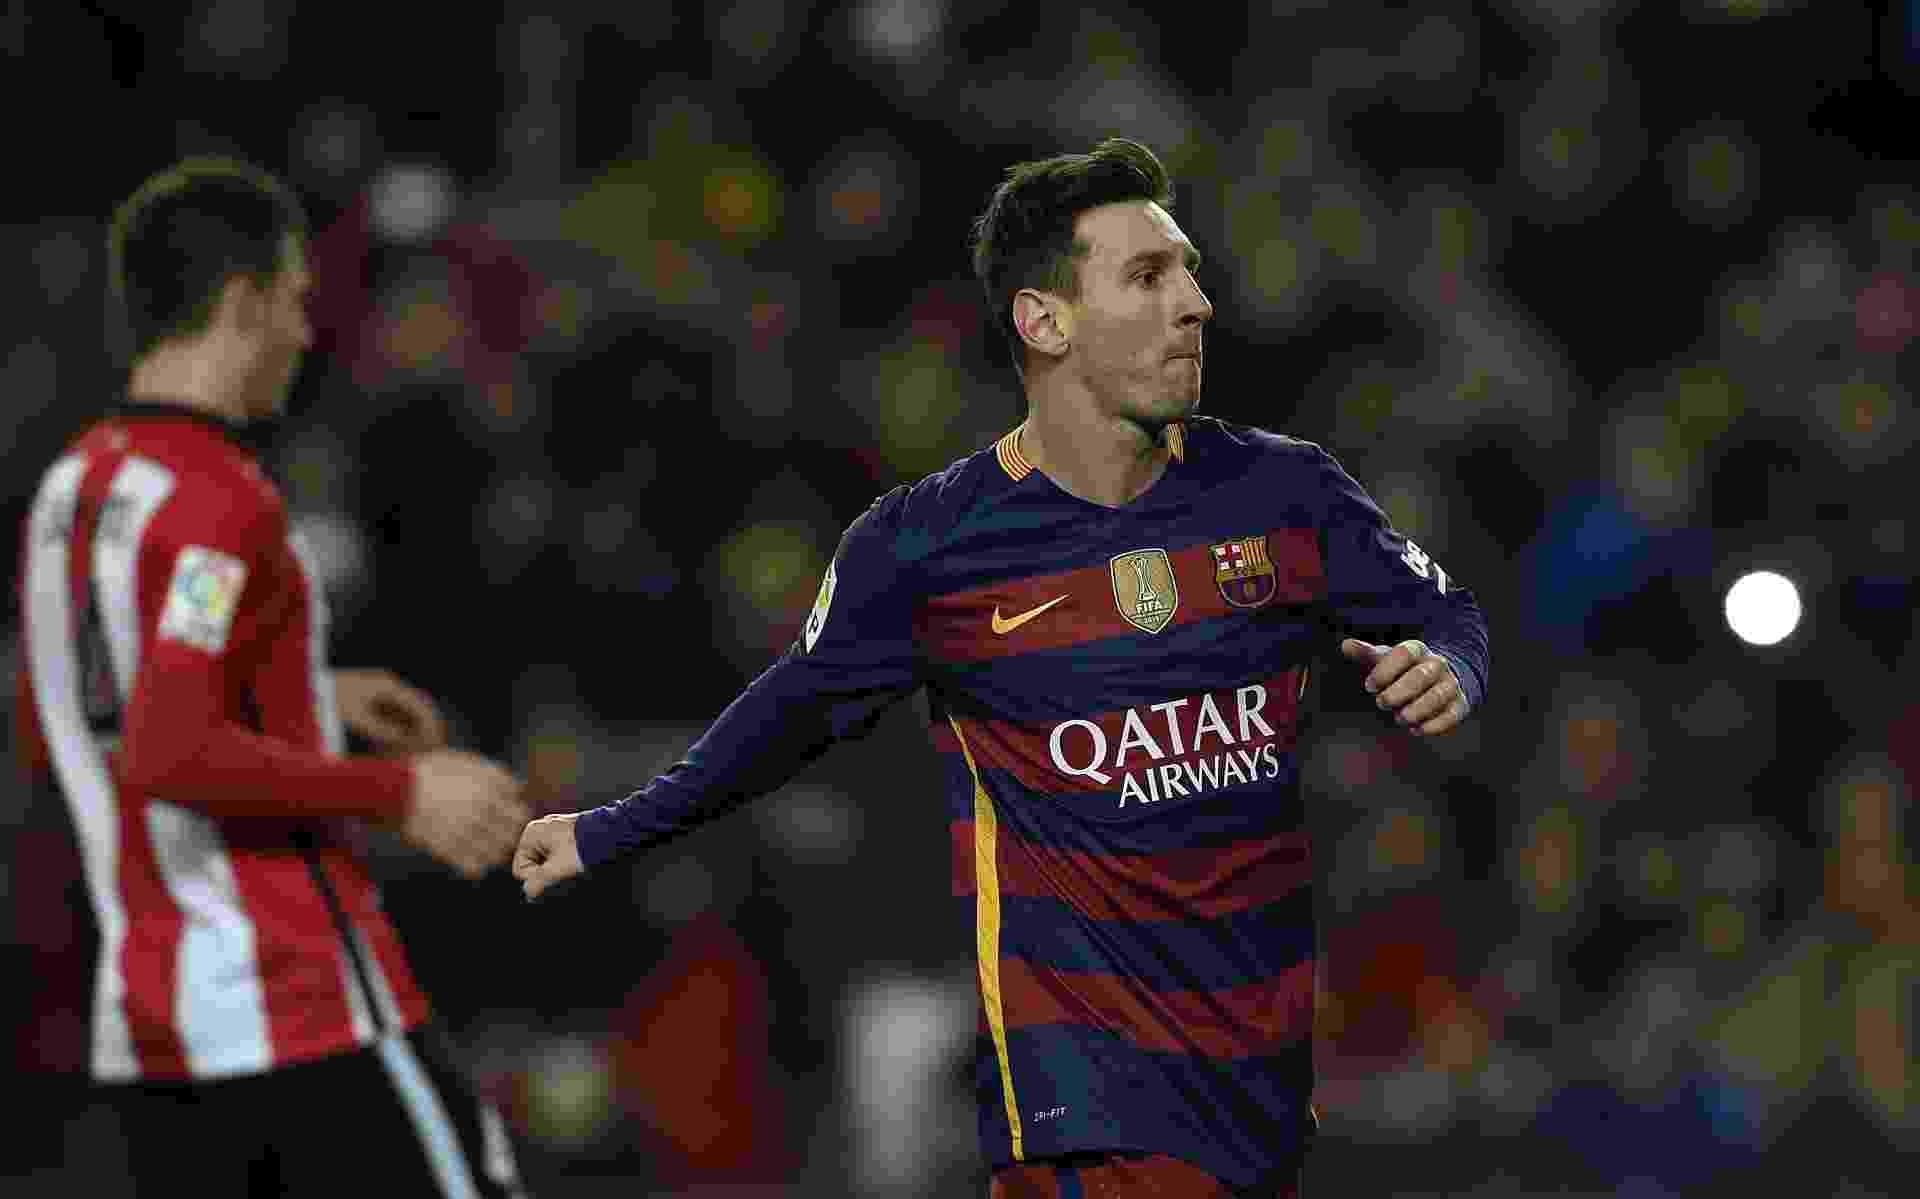 Neymar marca belo gol em retorno ao Barcelona após premiação - 17 01 ... 9f5f6e887c48d